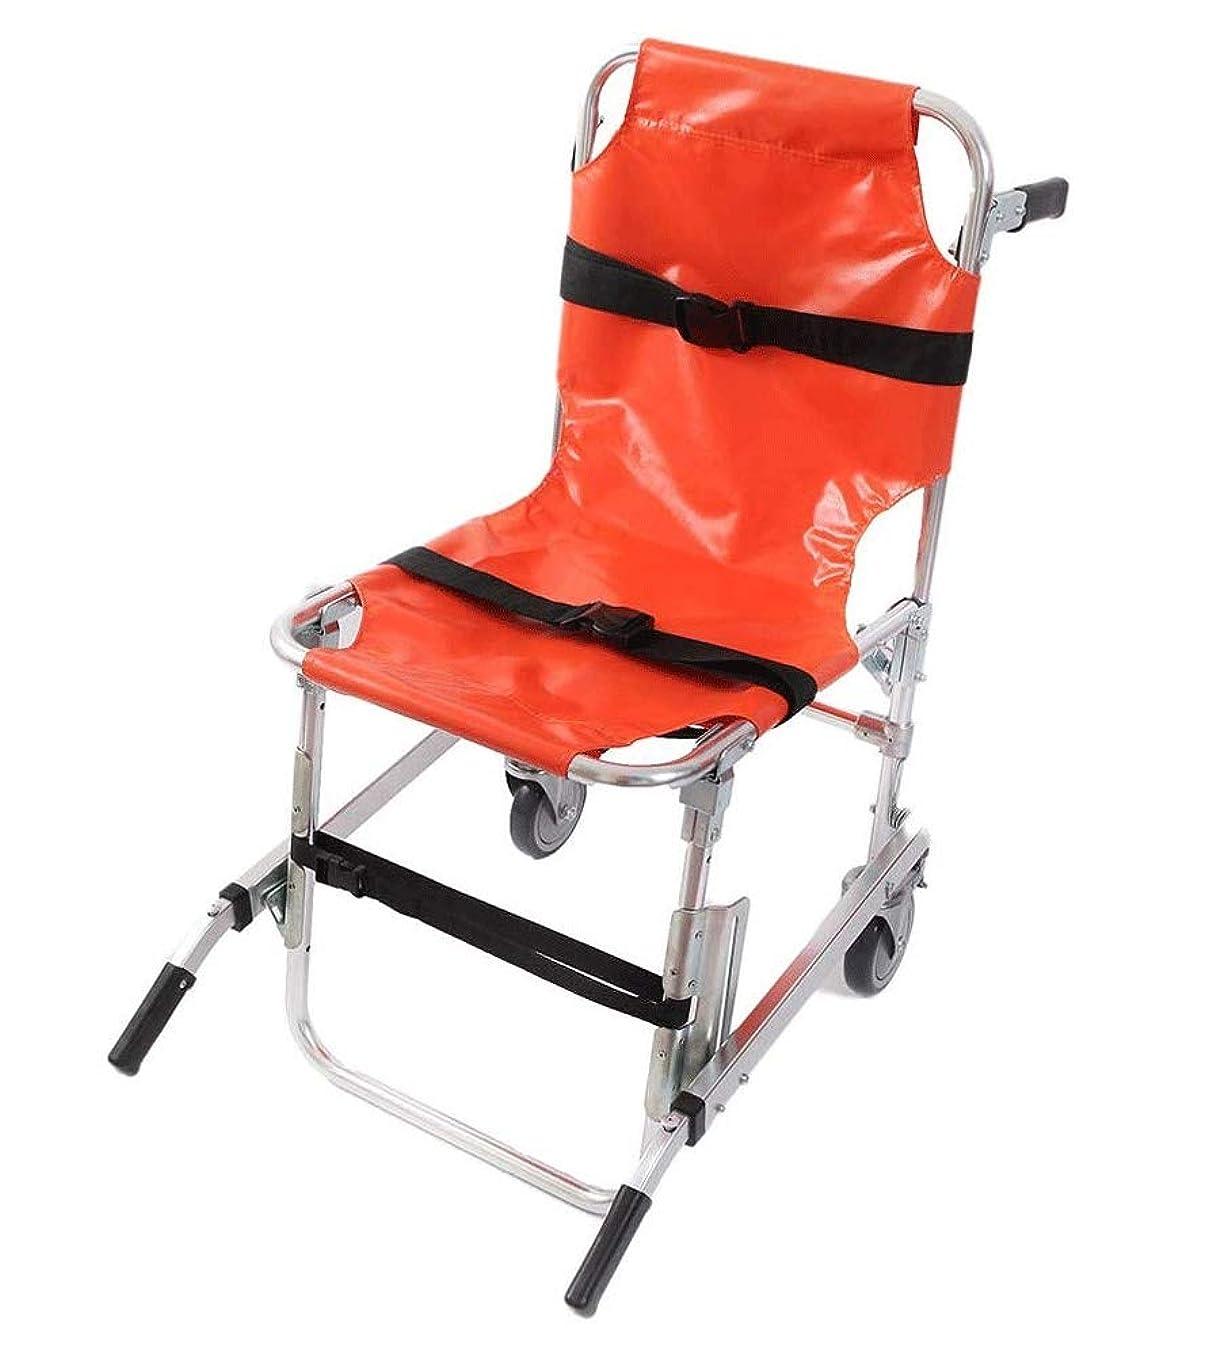 説教暴君可決患者拘束ストラップ付き車いすアルミ製軽量ホイール2折りたたみ医療交通椅子、350ポンドの容量をクライミングEMS階段椅子、階段